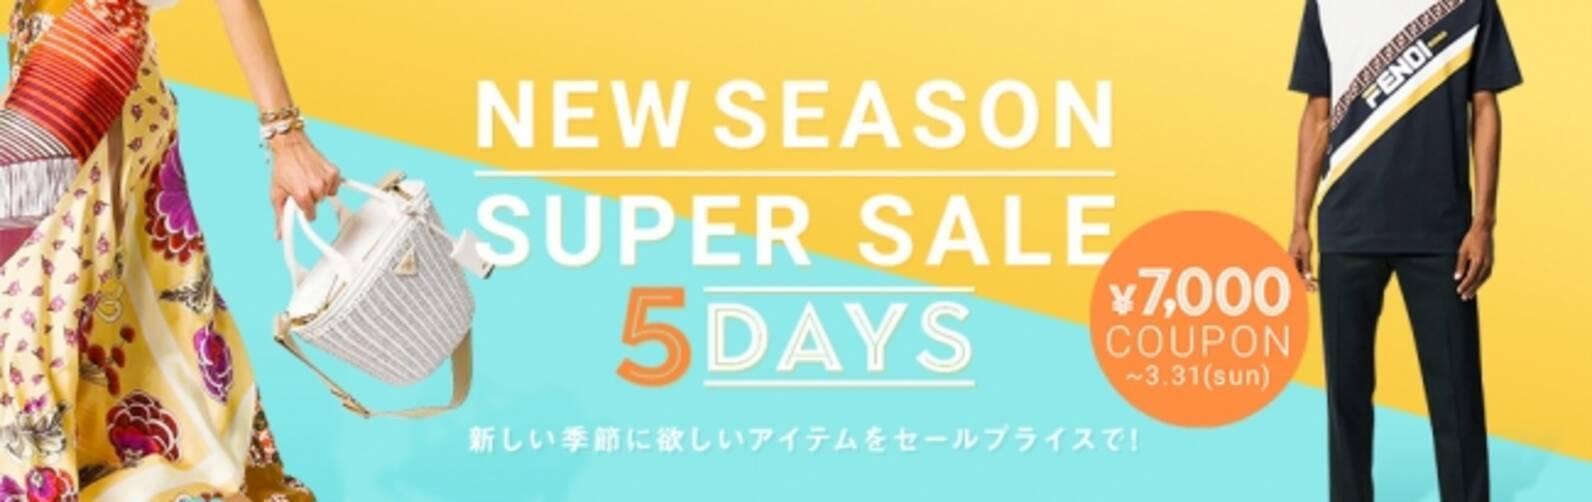 774b9515447f BUYMA 『2019年 SUPER NEW SEASON SALE 5DAYS!』が本日スタートします! (2019年3月29日) -  エキサイトニュース